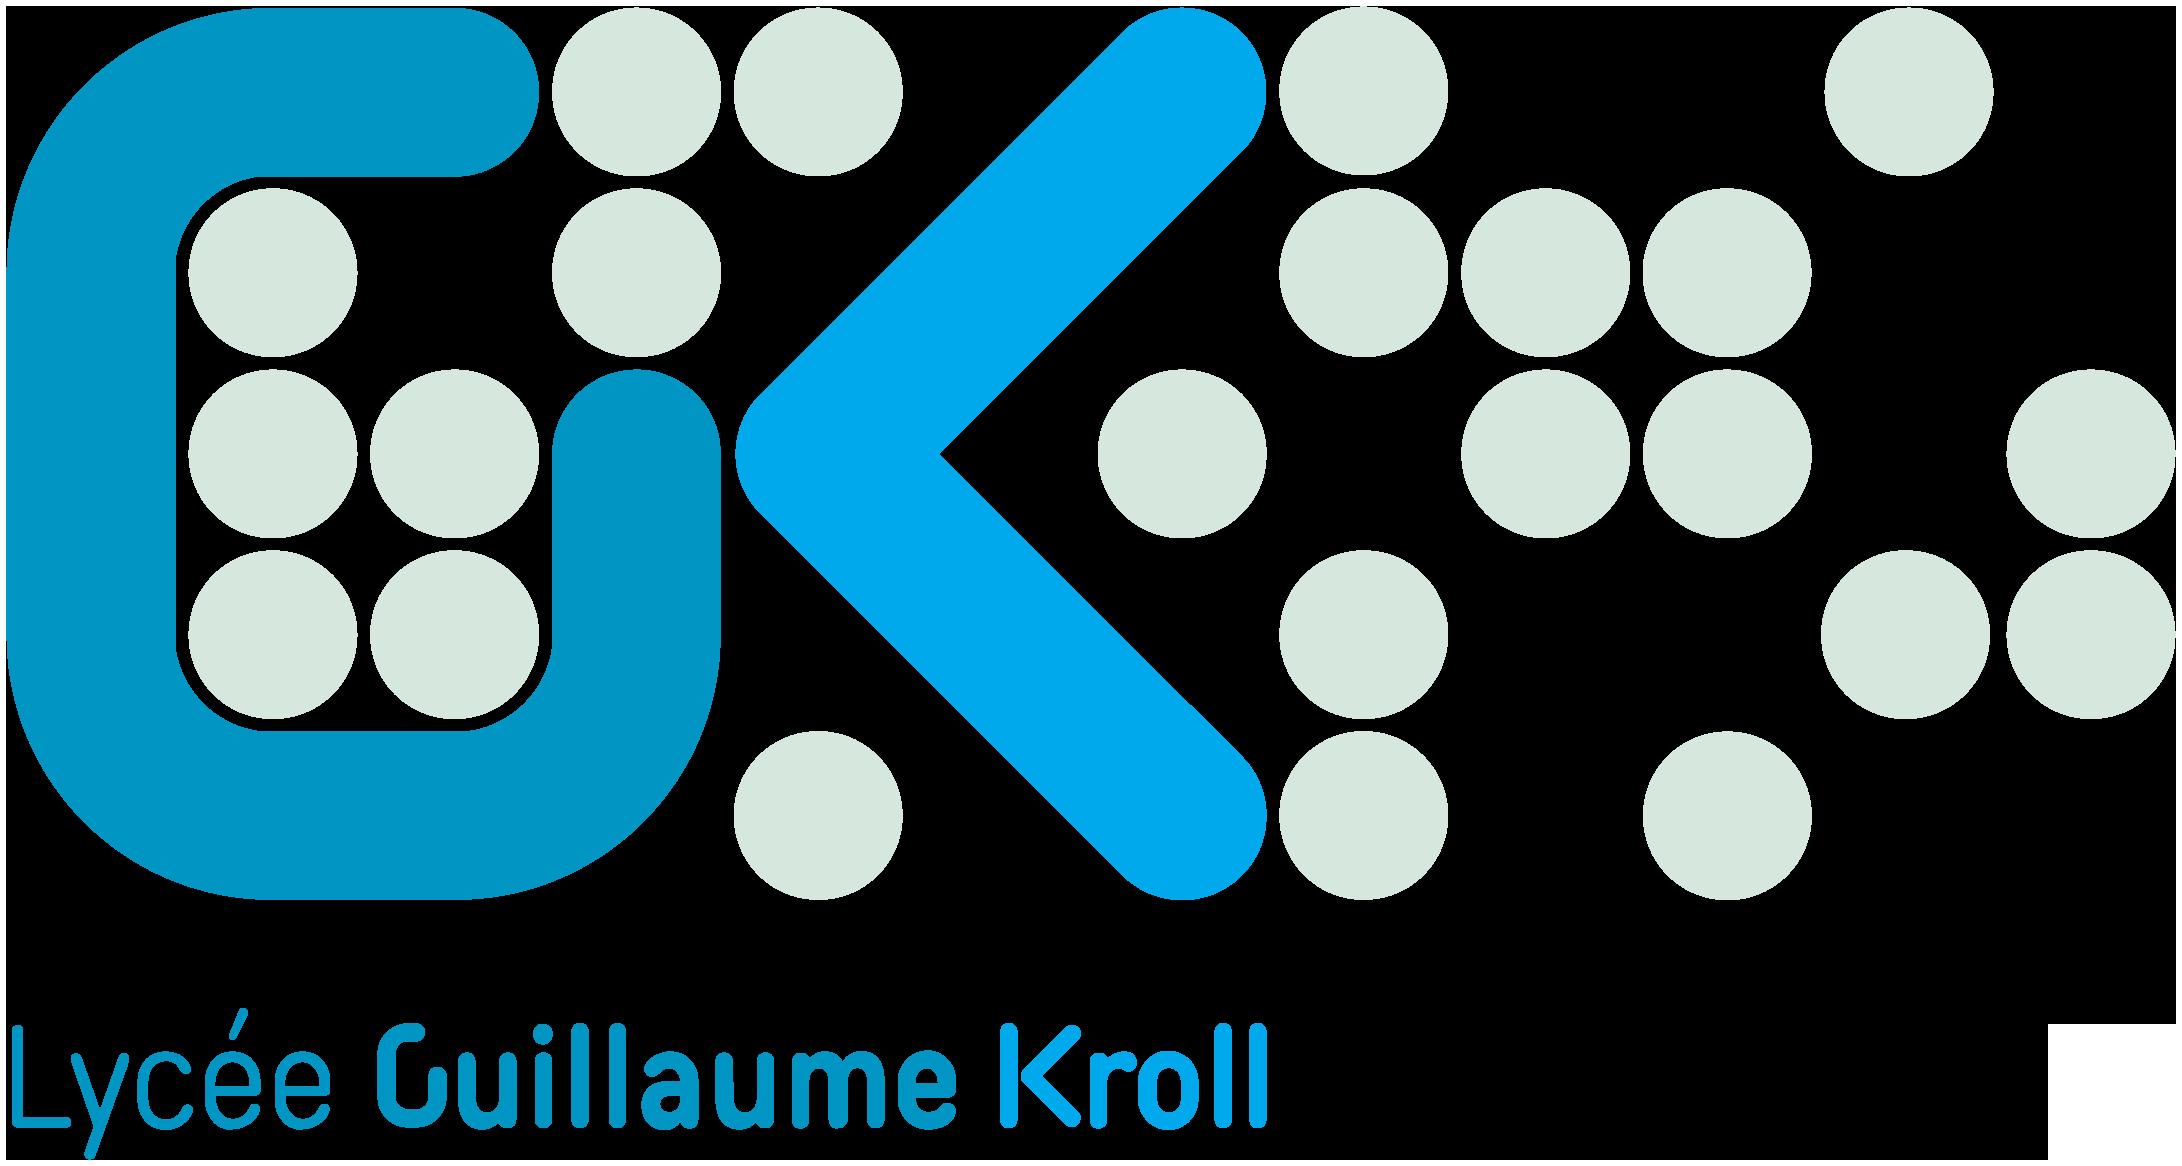 Lycée Guillaume Kroll